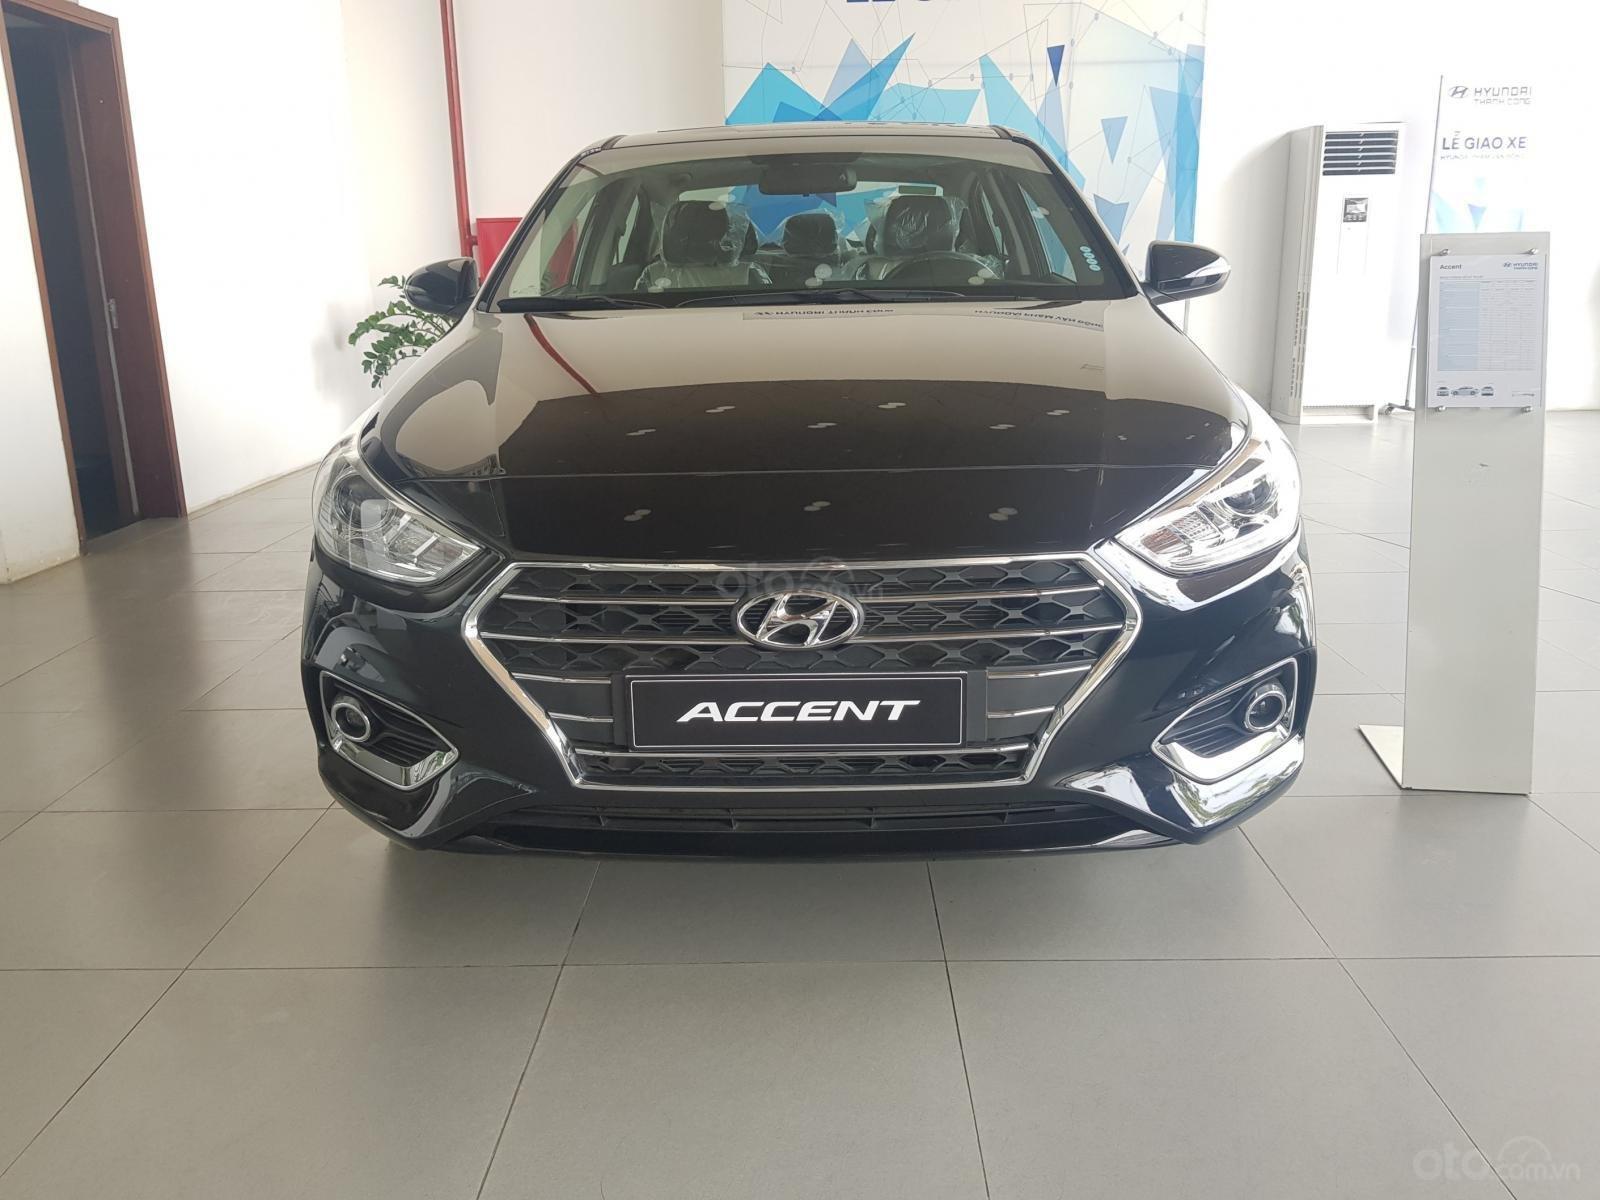 Bán Hyundai Accent 1.4 AT đặc biệt mới 2019, màu đen, xe sẵn đủ màu giao ngay (1)